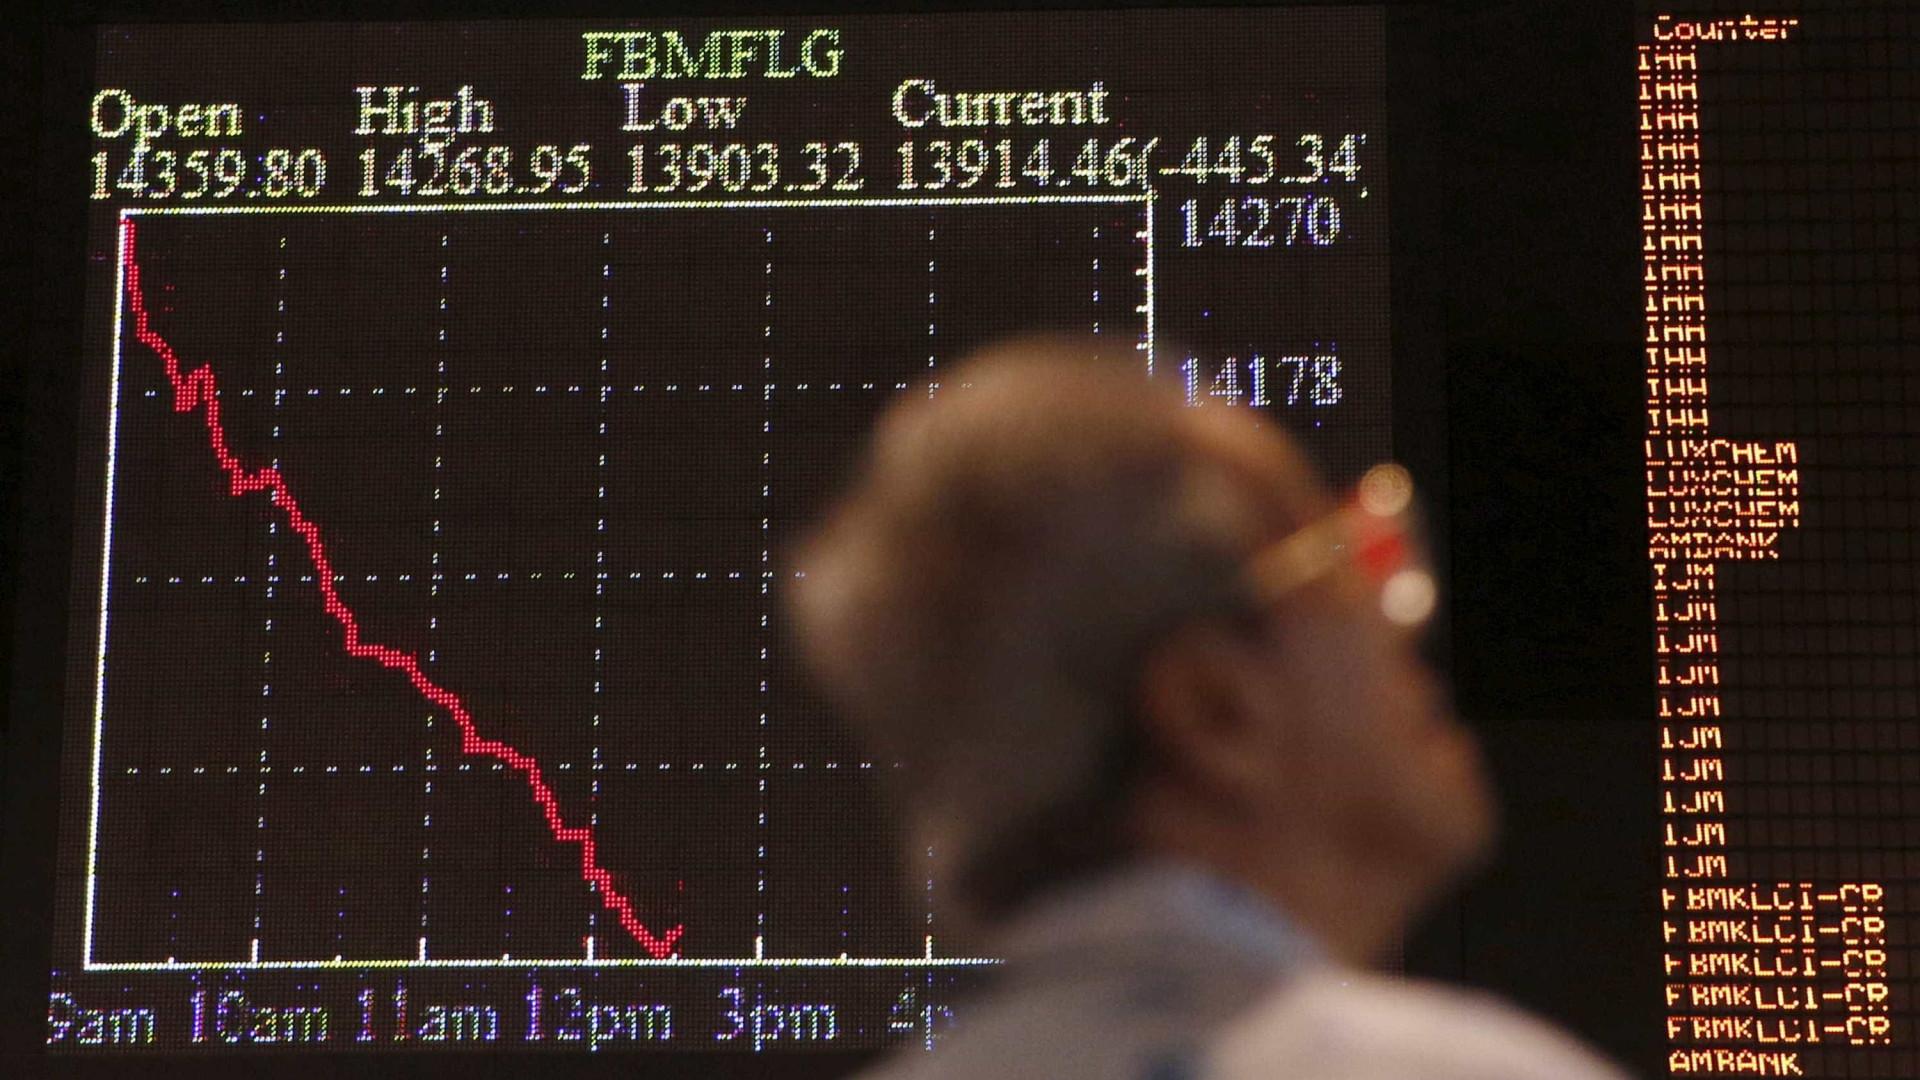 Bolsa cai 1,85% e fecha semana com recuo de quase 19%